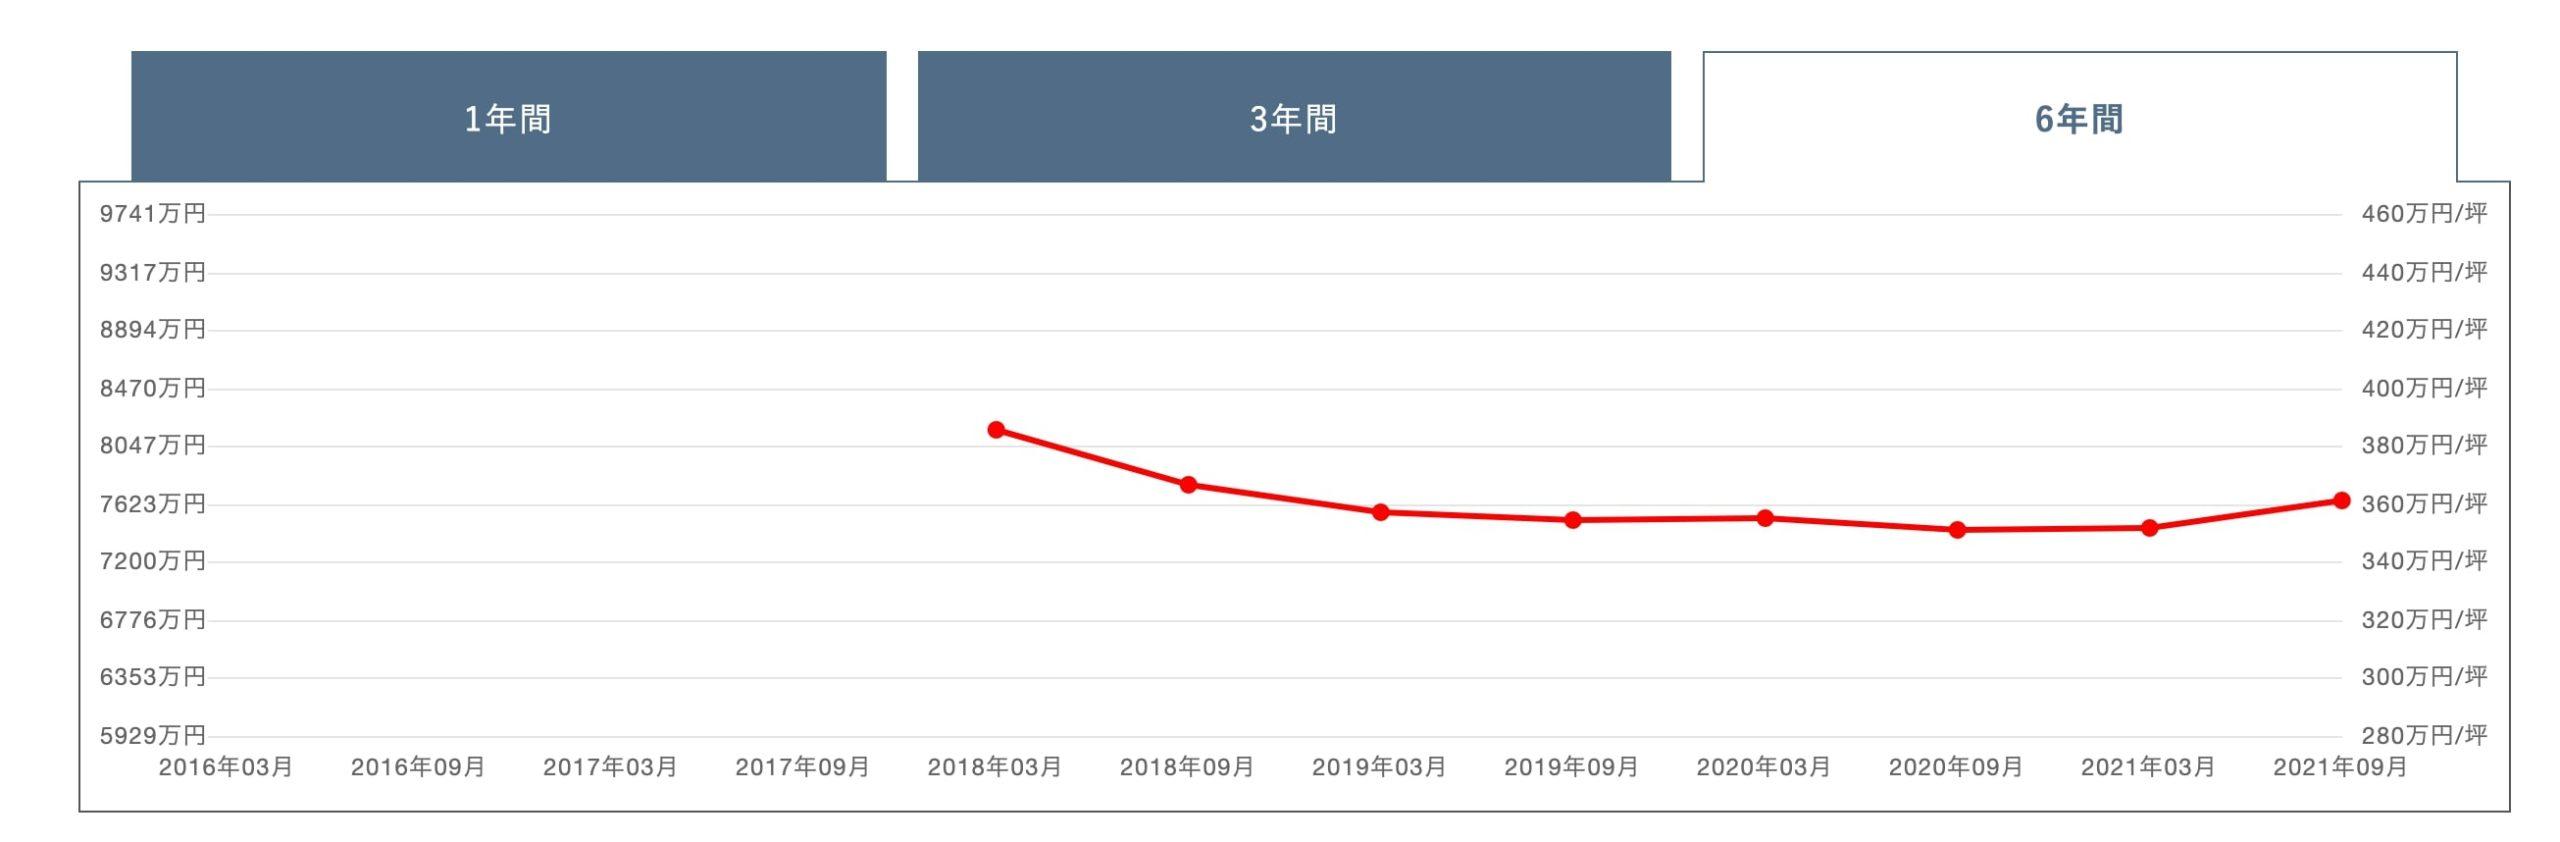 パークシティ武蔵小杉ザガーデンタワーズイーストの価格変動グラフ